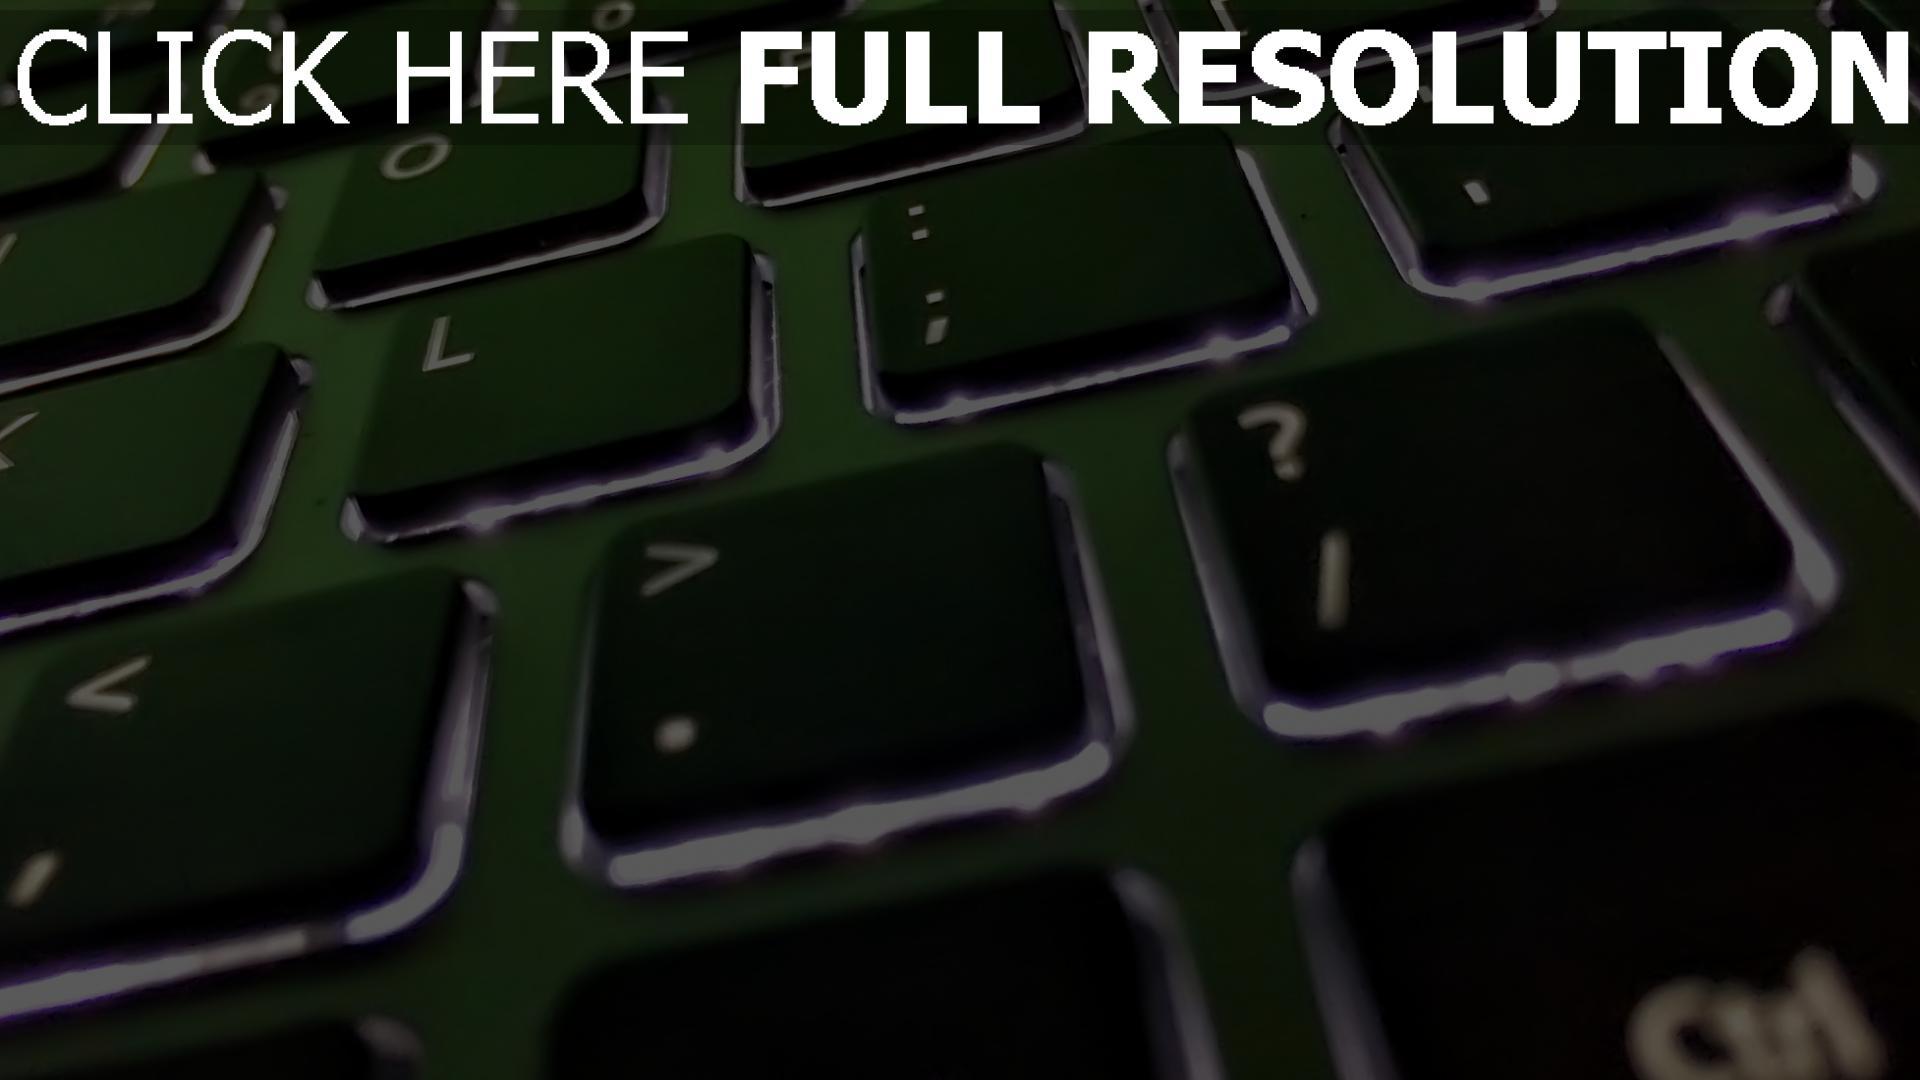 hd hintergrundbilder tastatur beleuchtung laptop 1920x1080